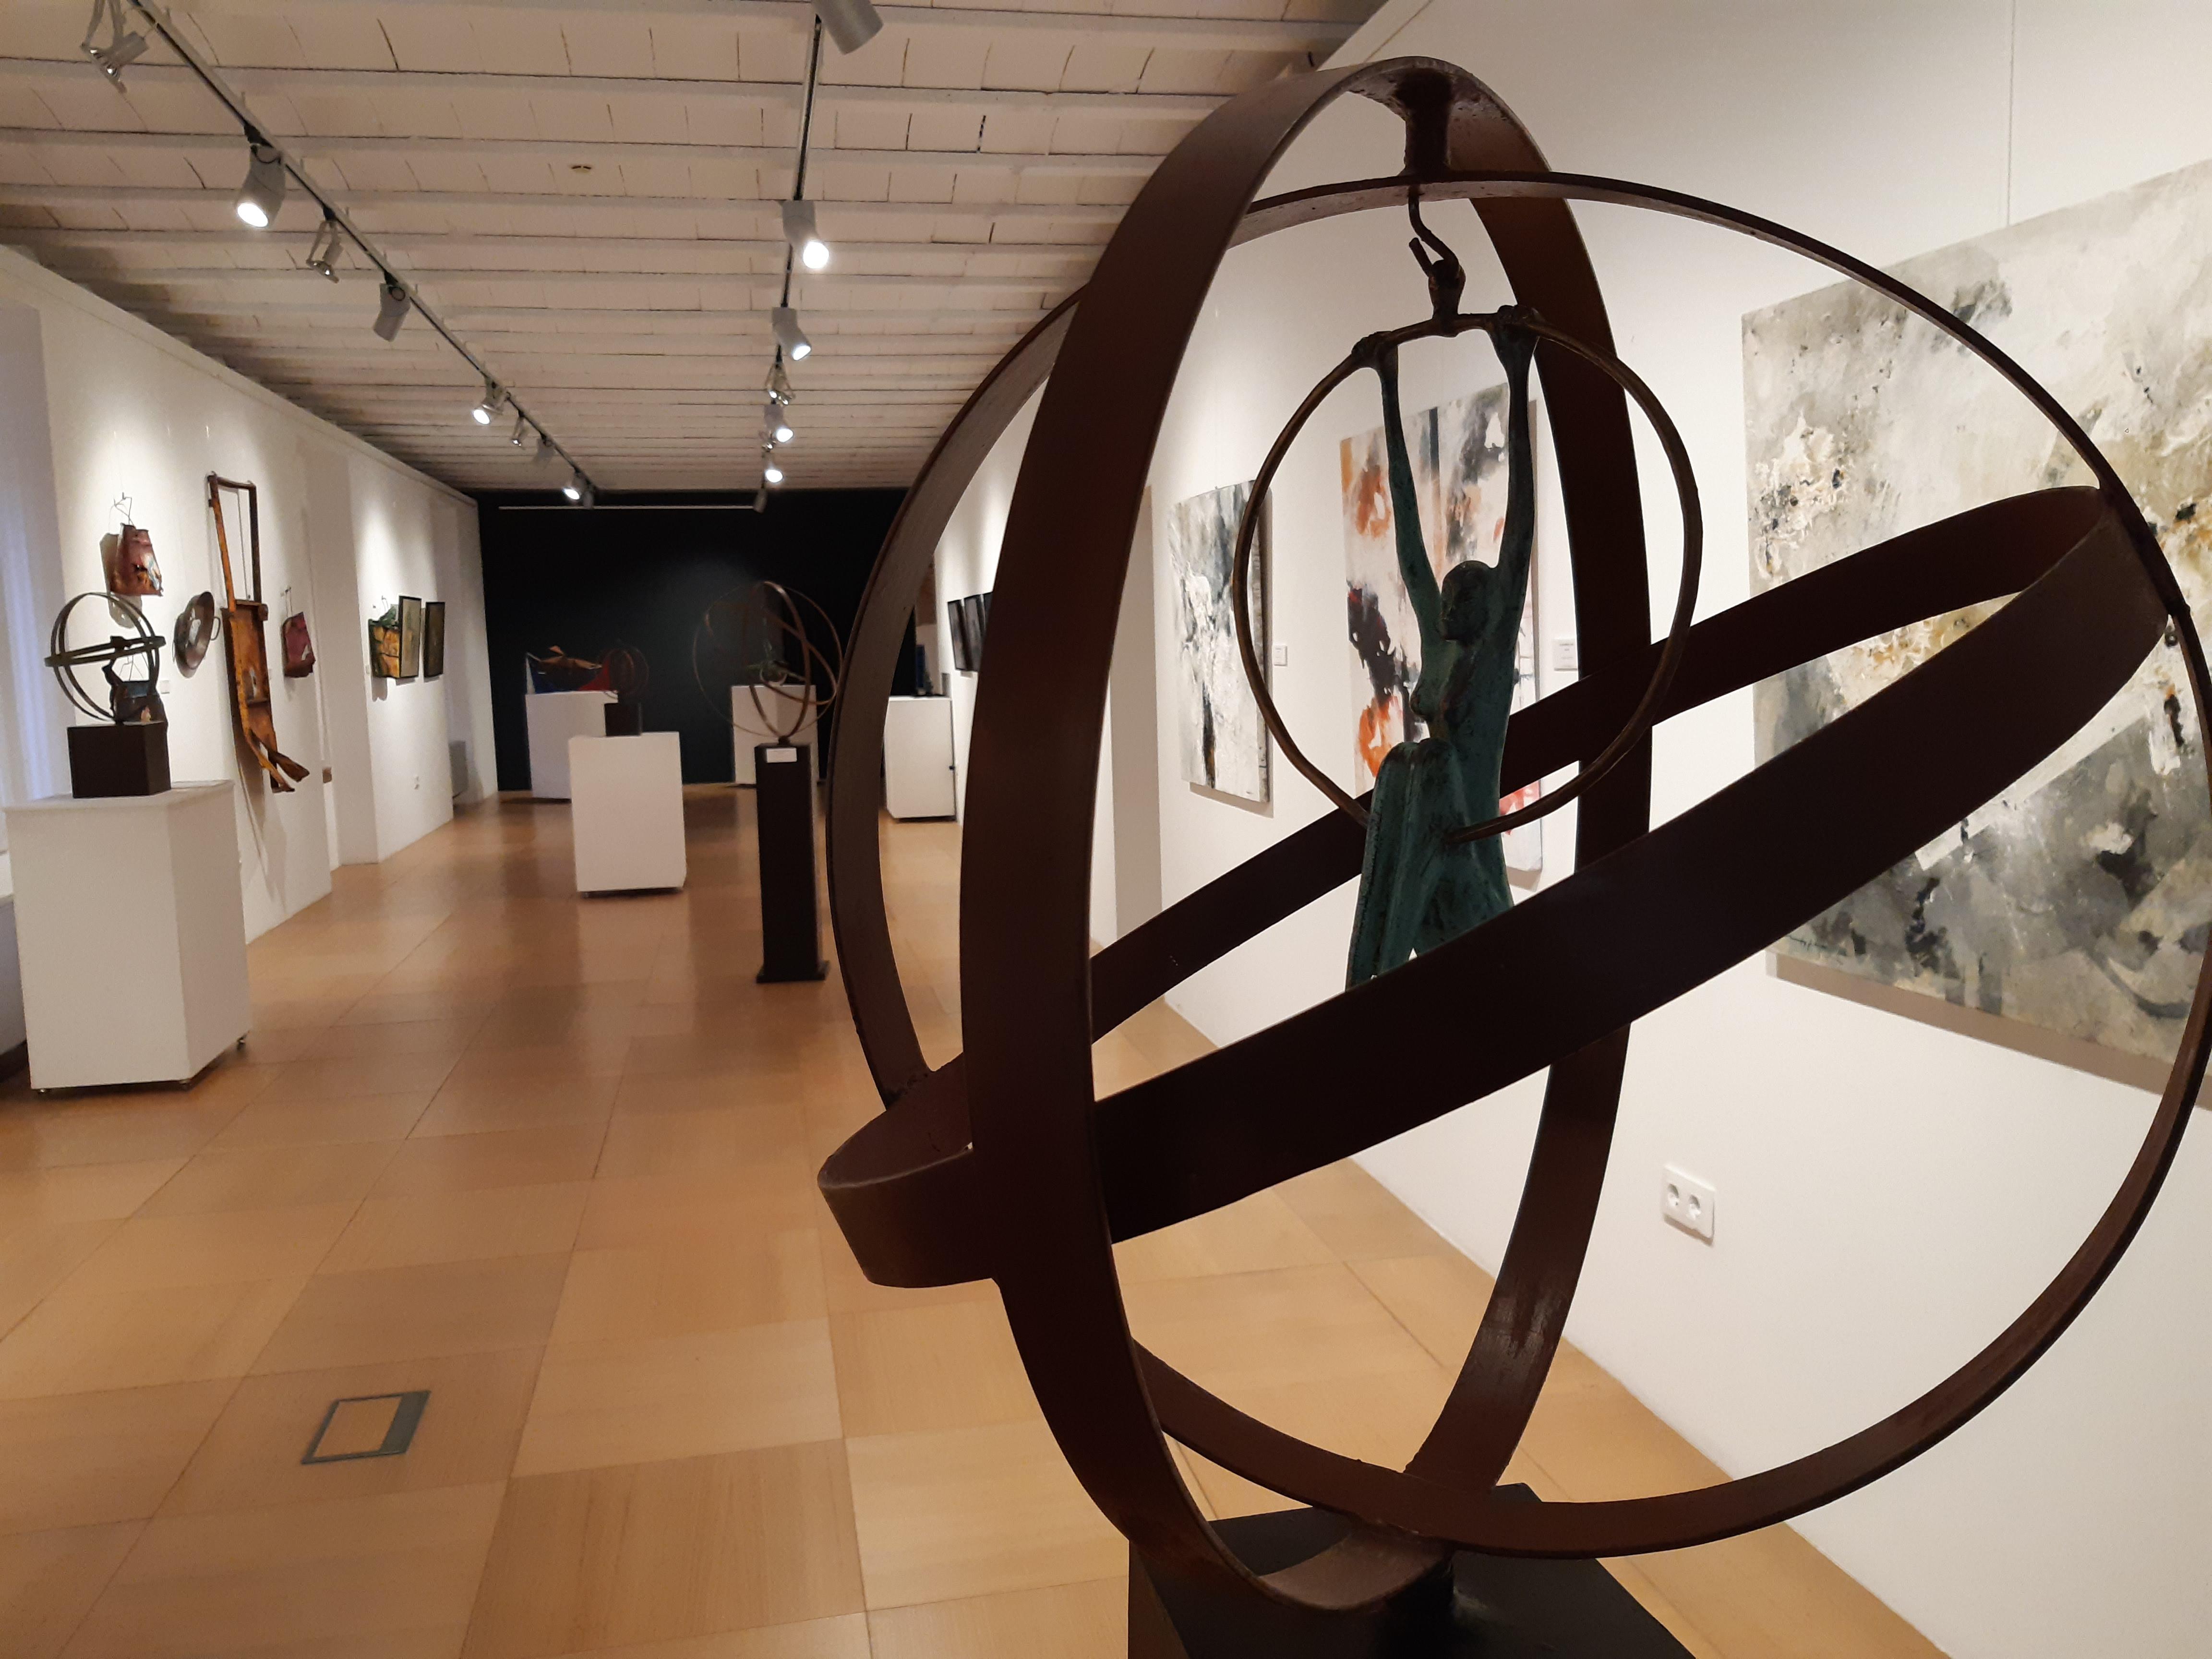 El Museu de Benicarló acull l'exposició col·lectiva del grupARTE-SON amb obres de 22 artistes